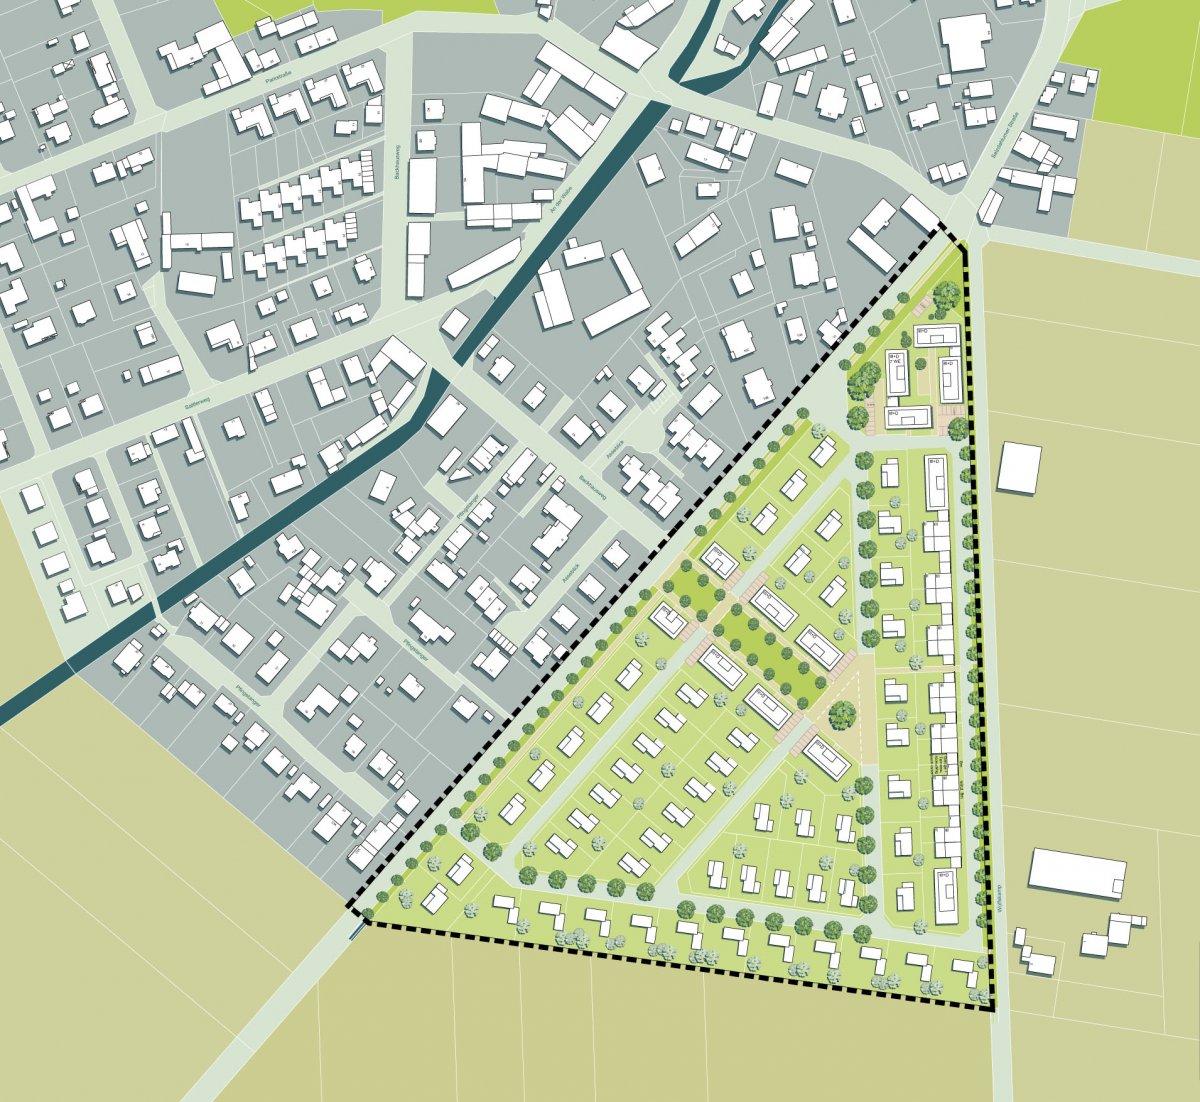 Städtebauliches Konzept (Vorzugsvariante für den B-Plan)